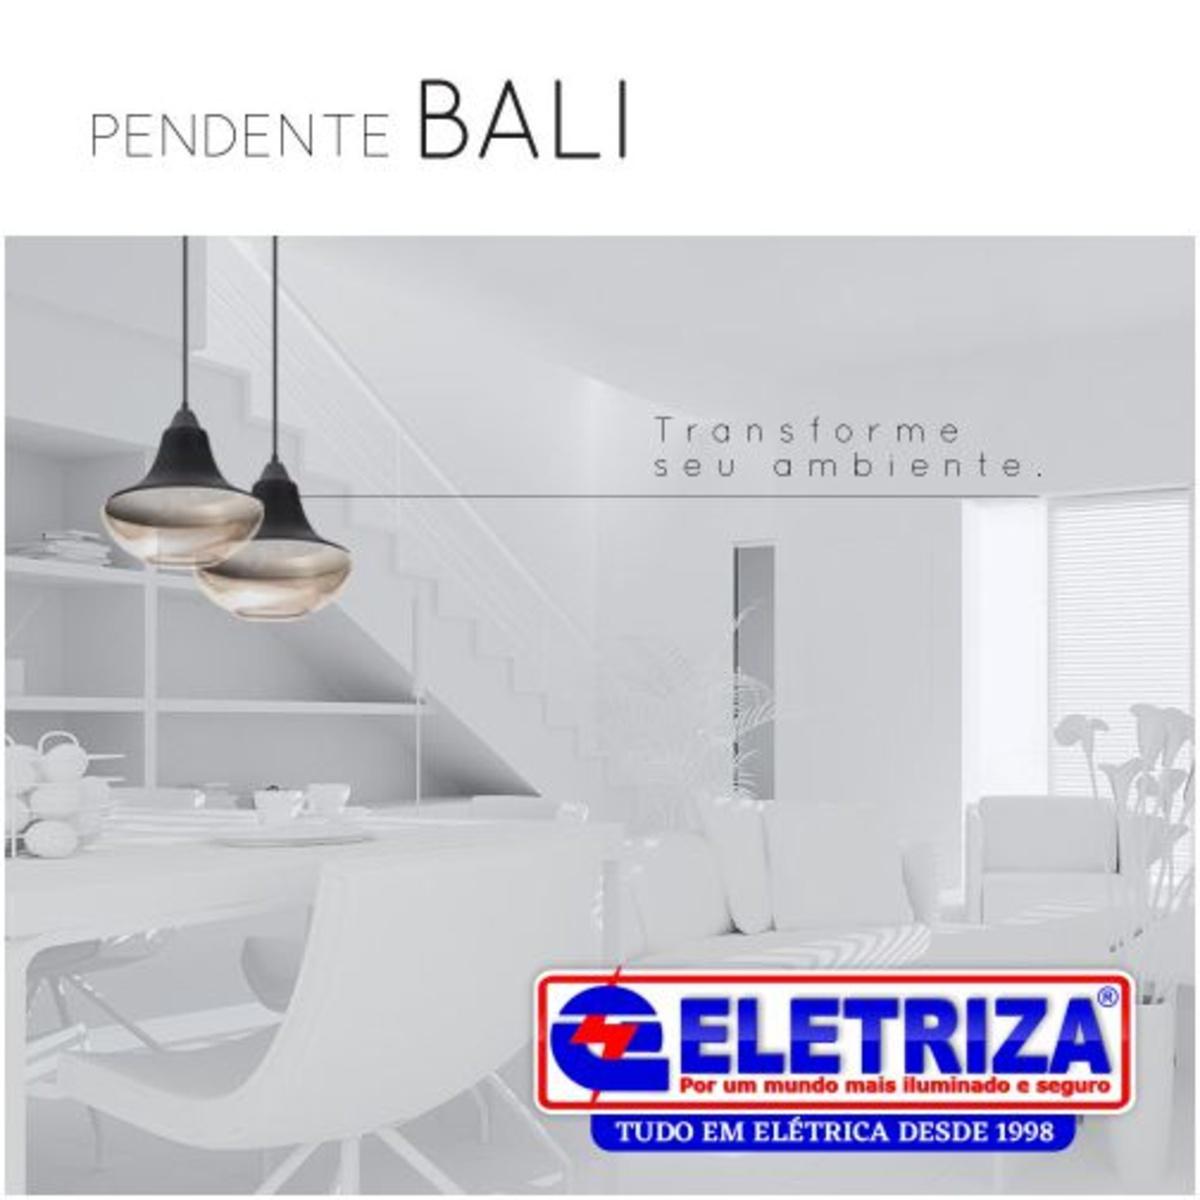 PENDENTE BALI VIDRO CHAMPAGNE/ PRETO 1EX27 3834 OPL